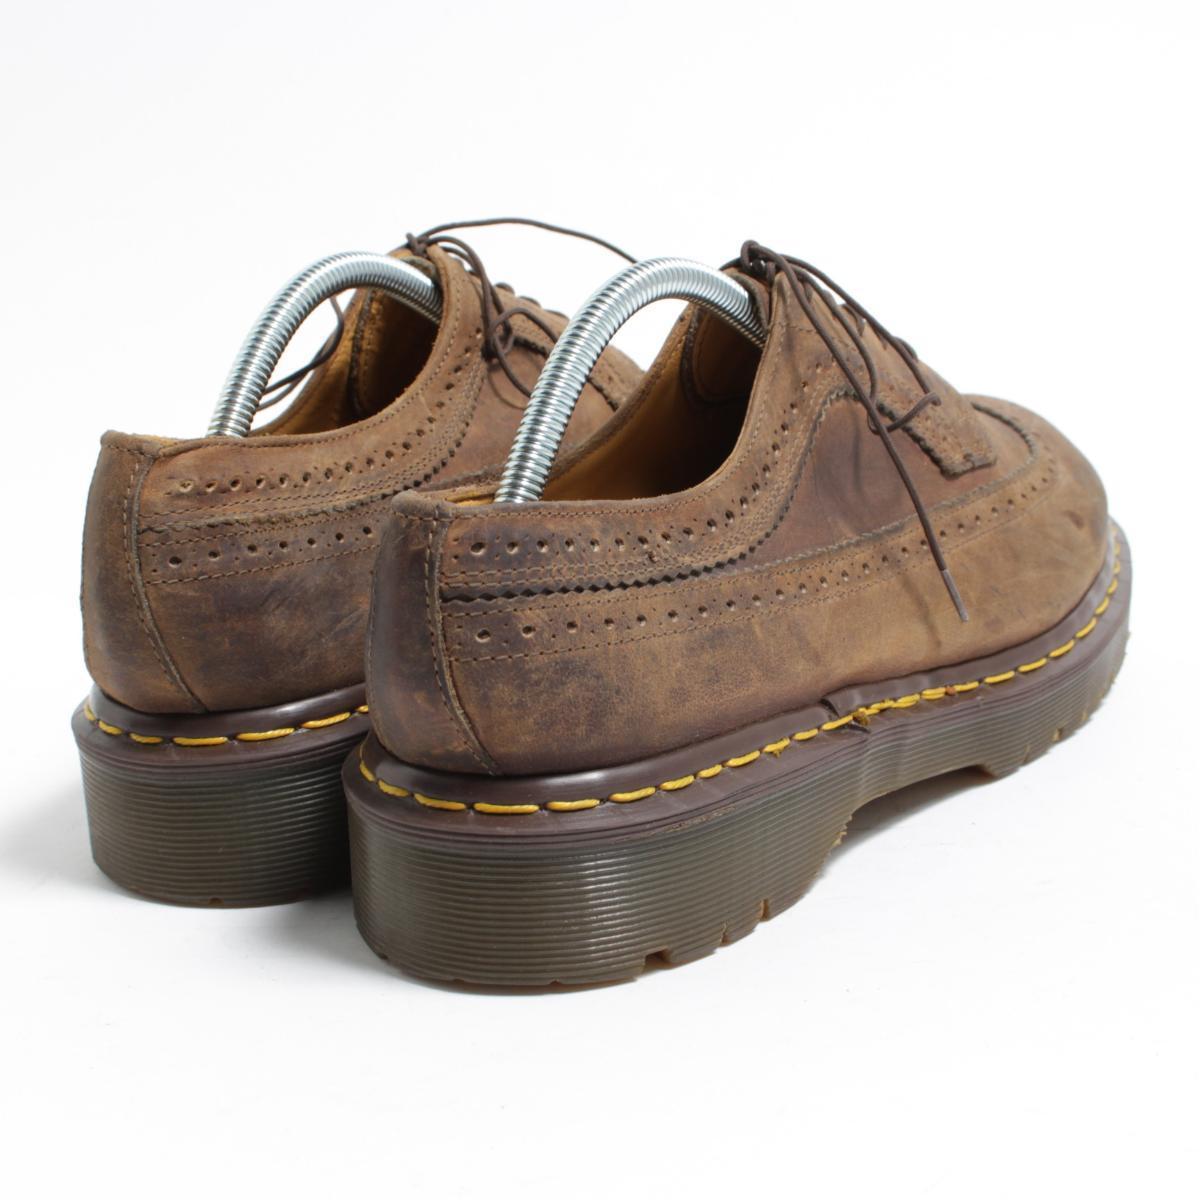 UK10 men 28.5cm /bon1123 made in the doctor Martin Dr.Martens wing tip shoes U.K.